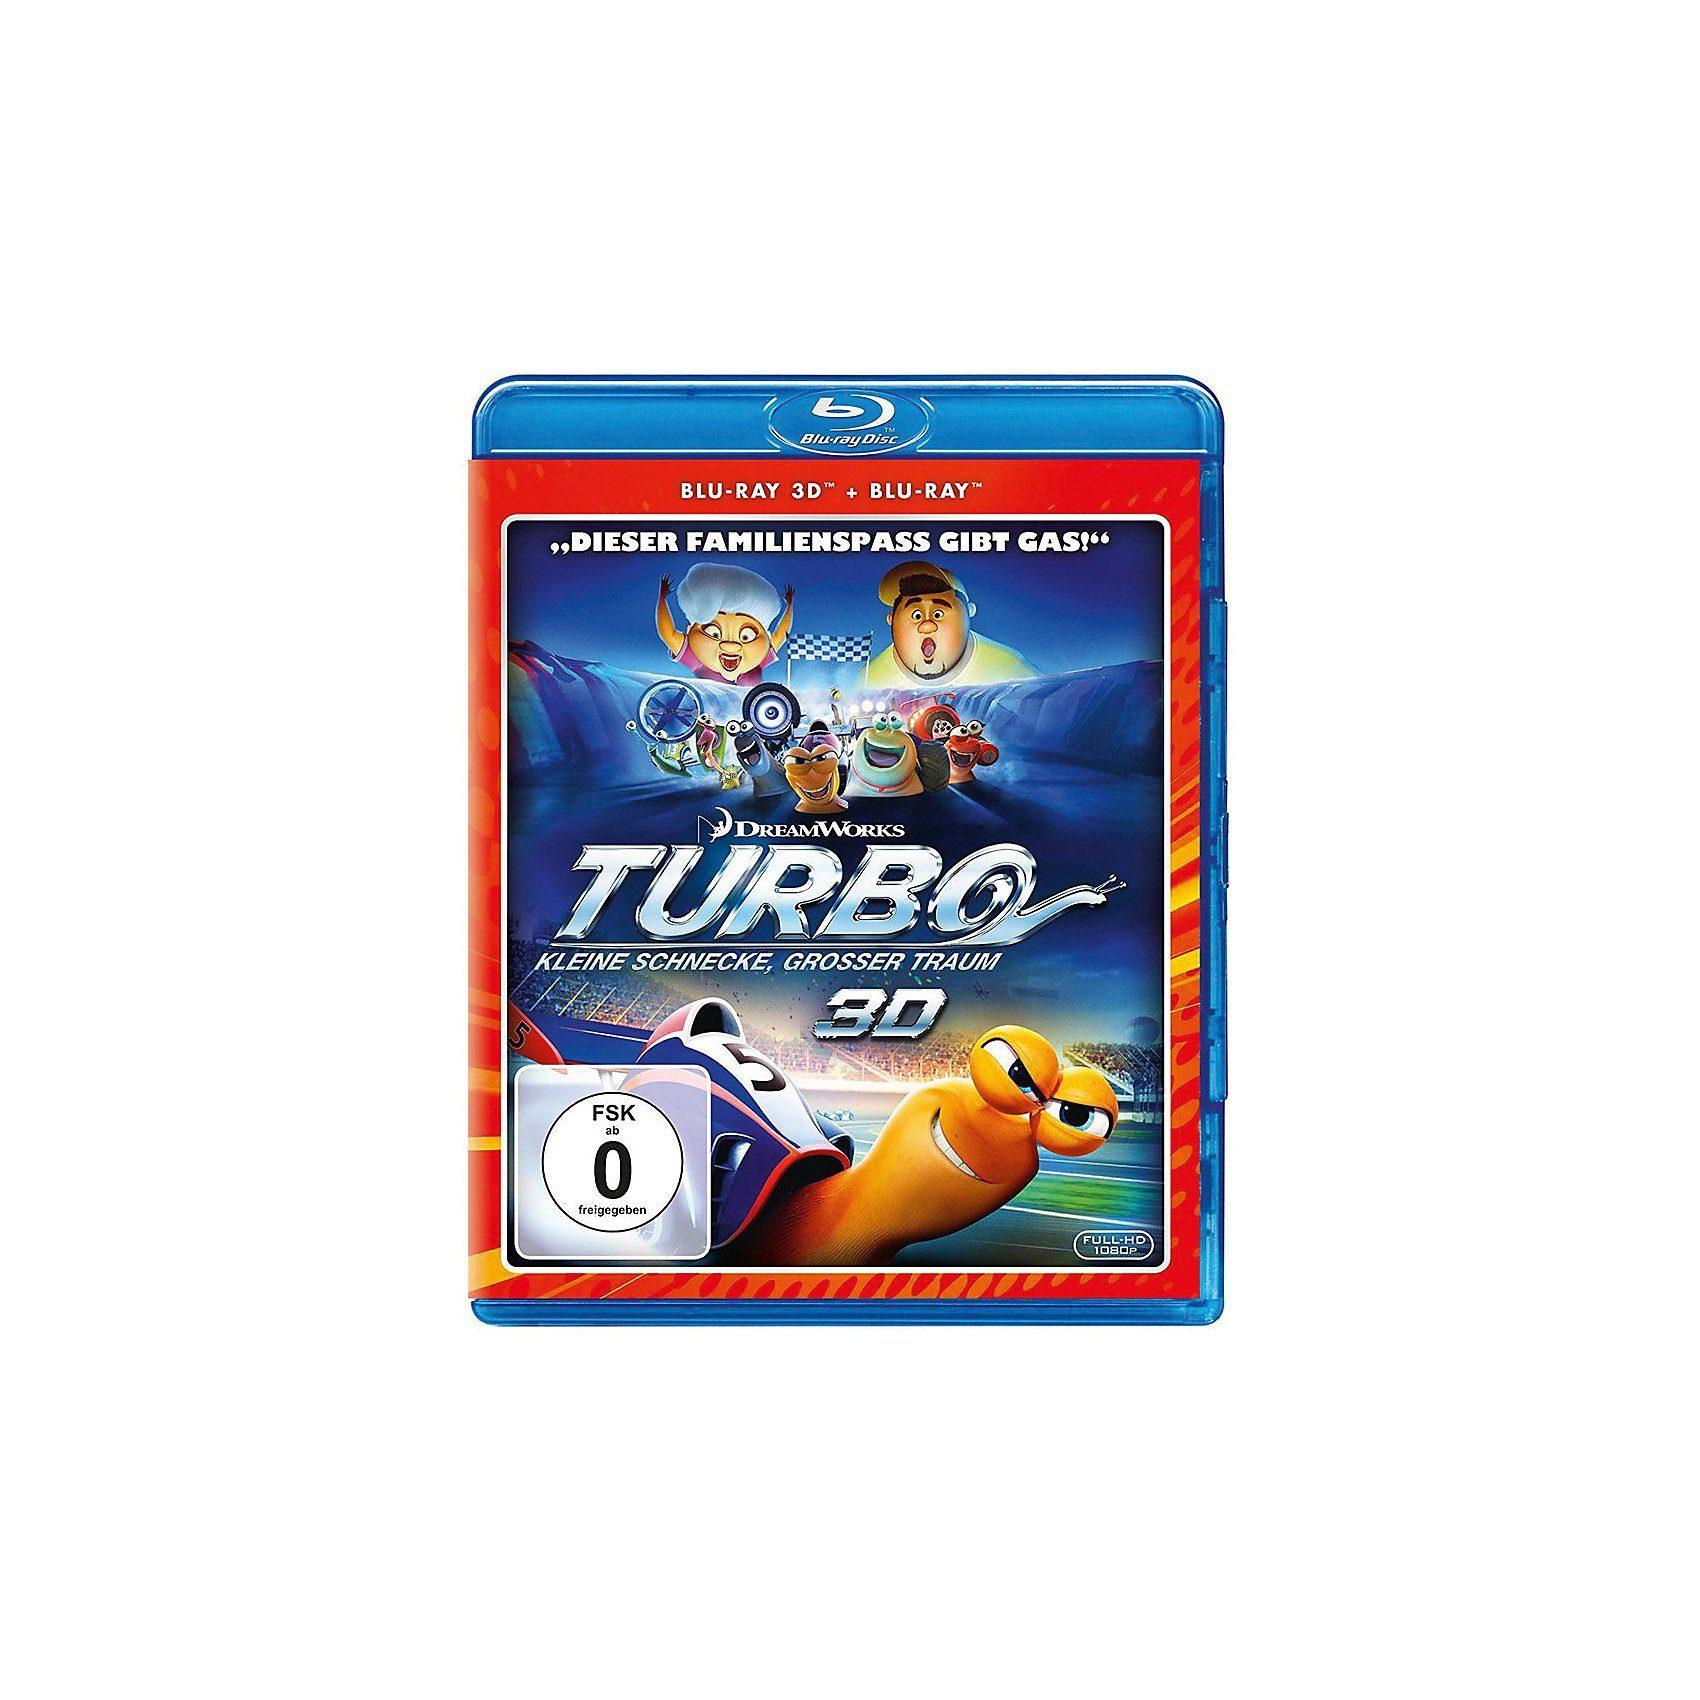 Universal BLU-RAY Turbo - Kleine Schnecke, großer Traum 3D (BluRay 3D